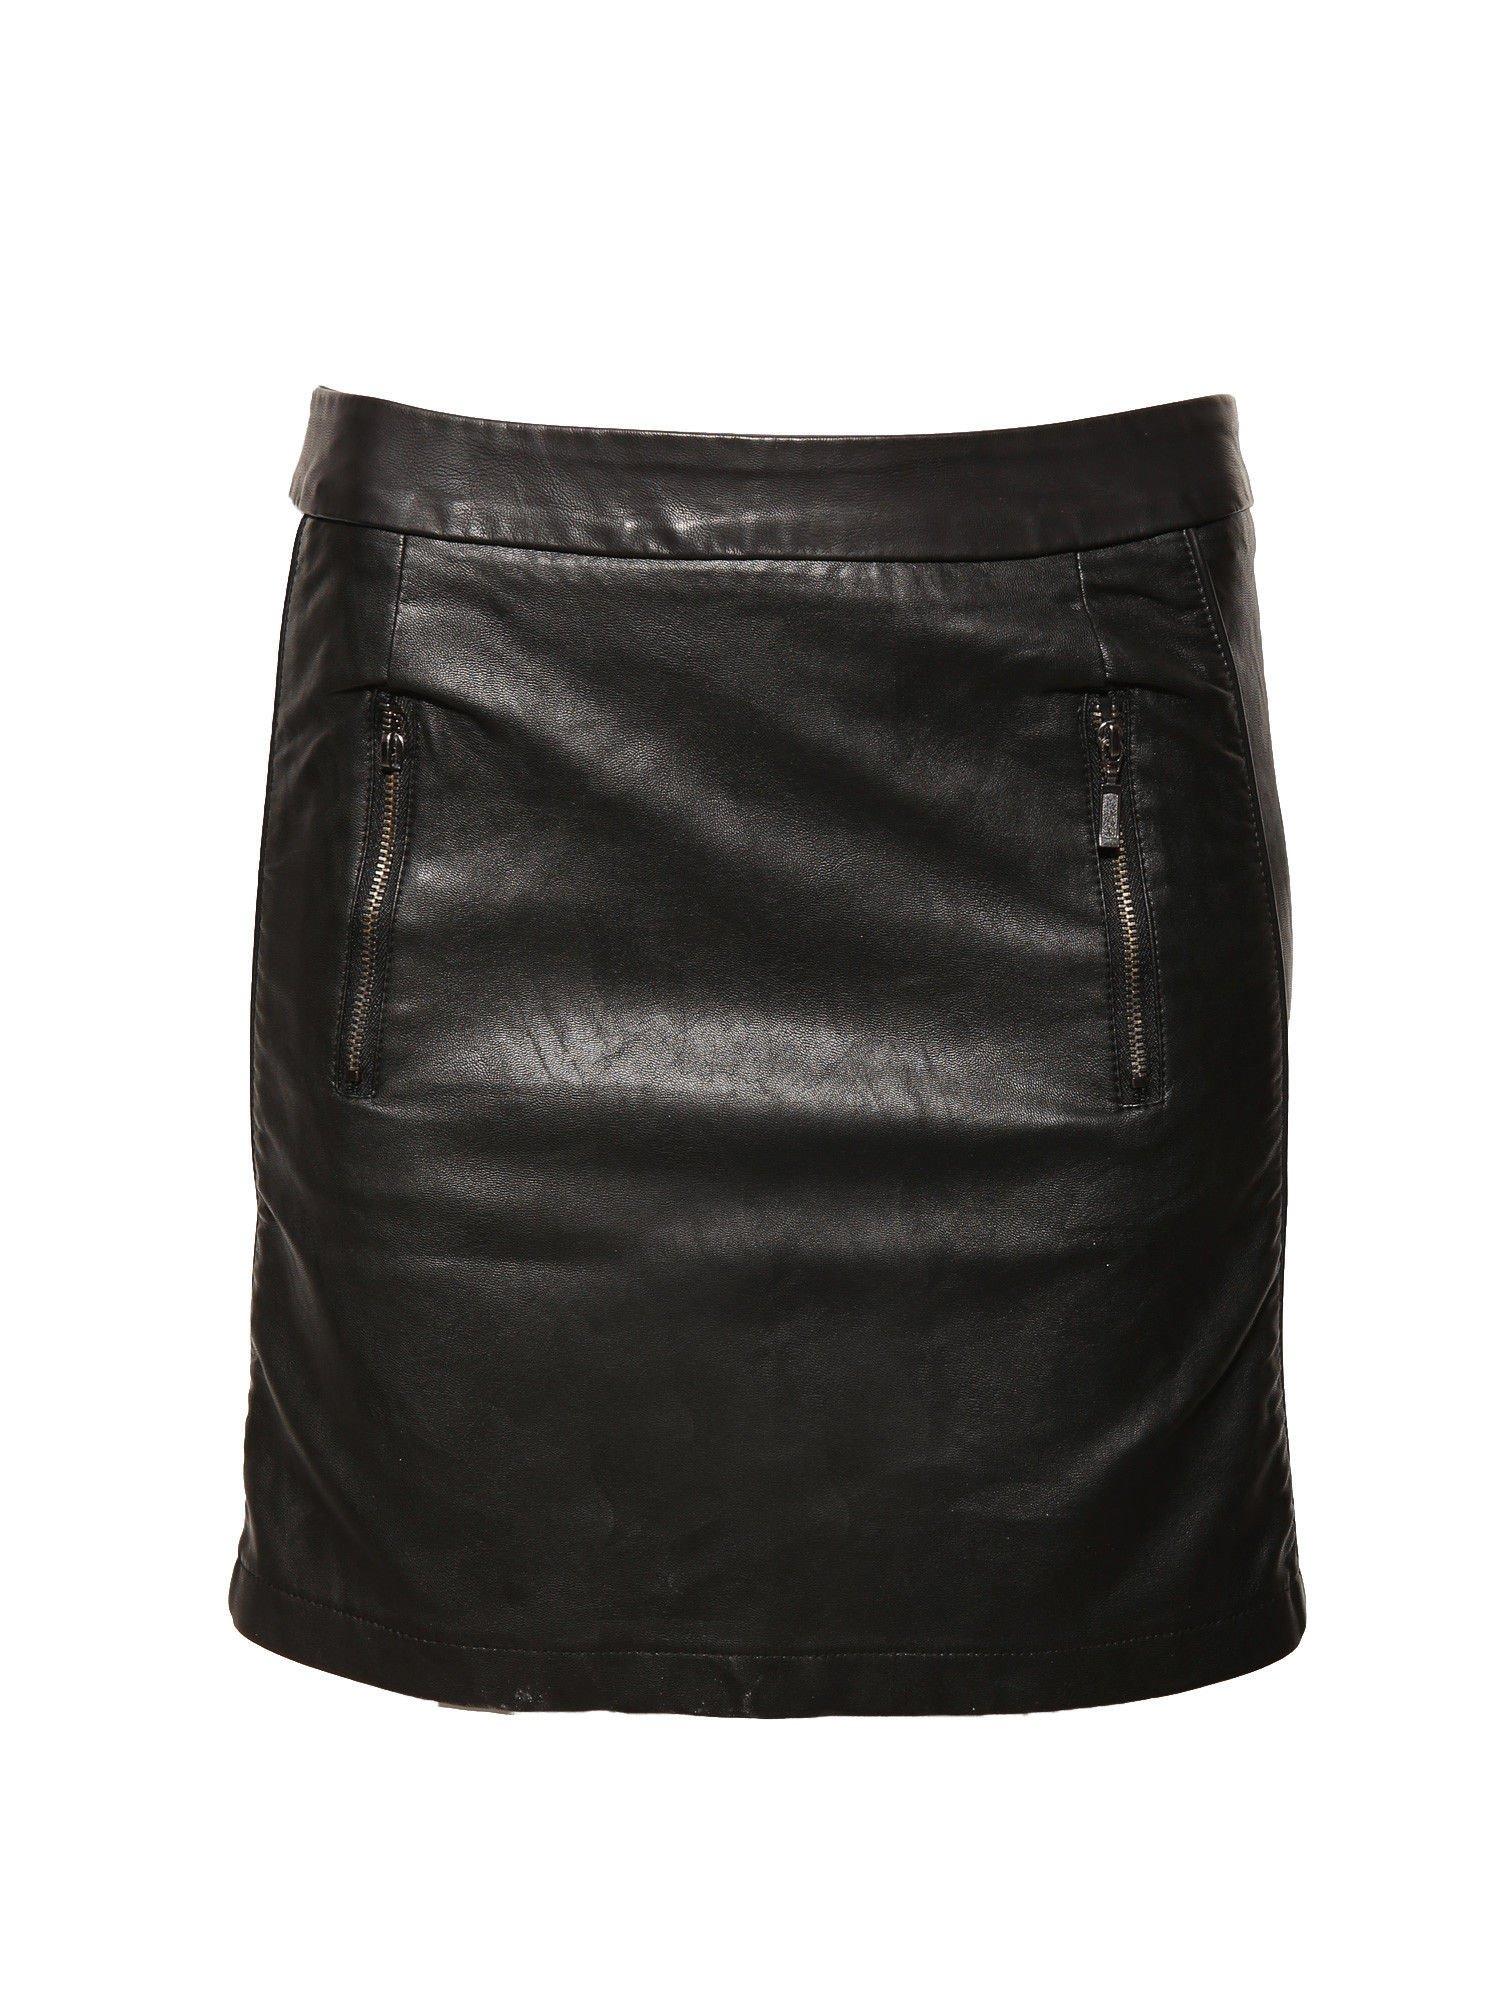 Czarna skórzana spódnica mini z kieszeniami                                  zdj.                                  1